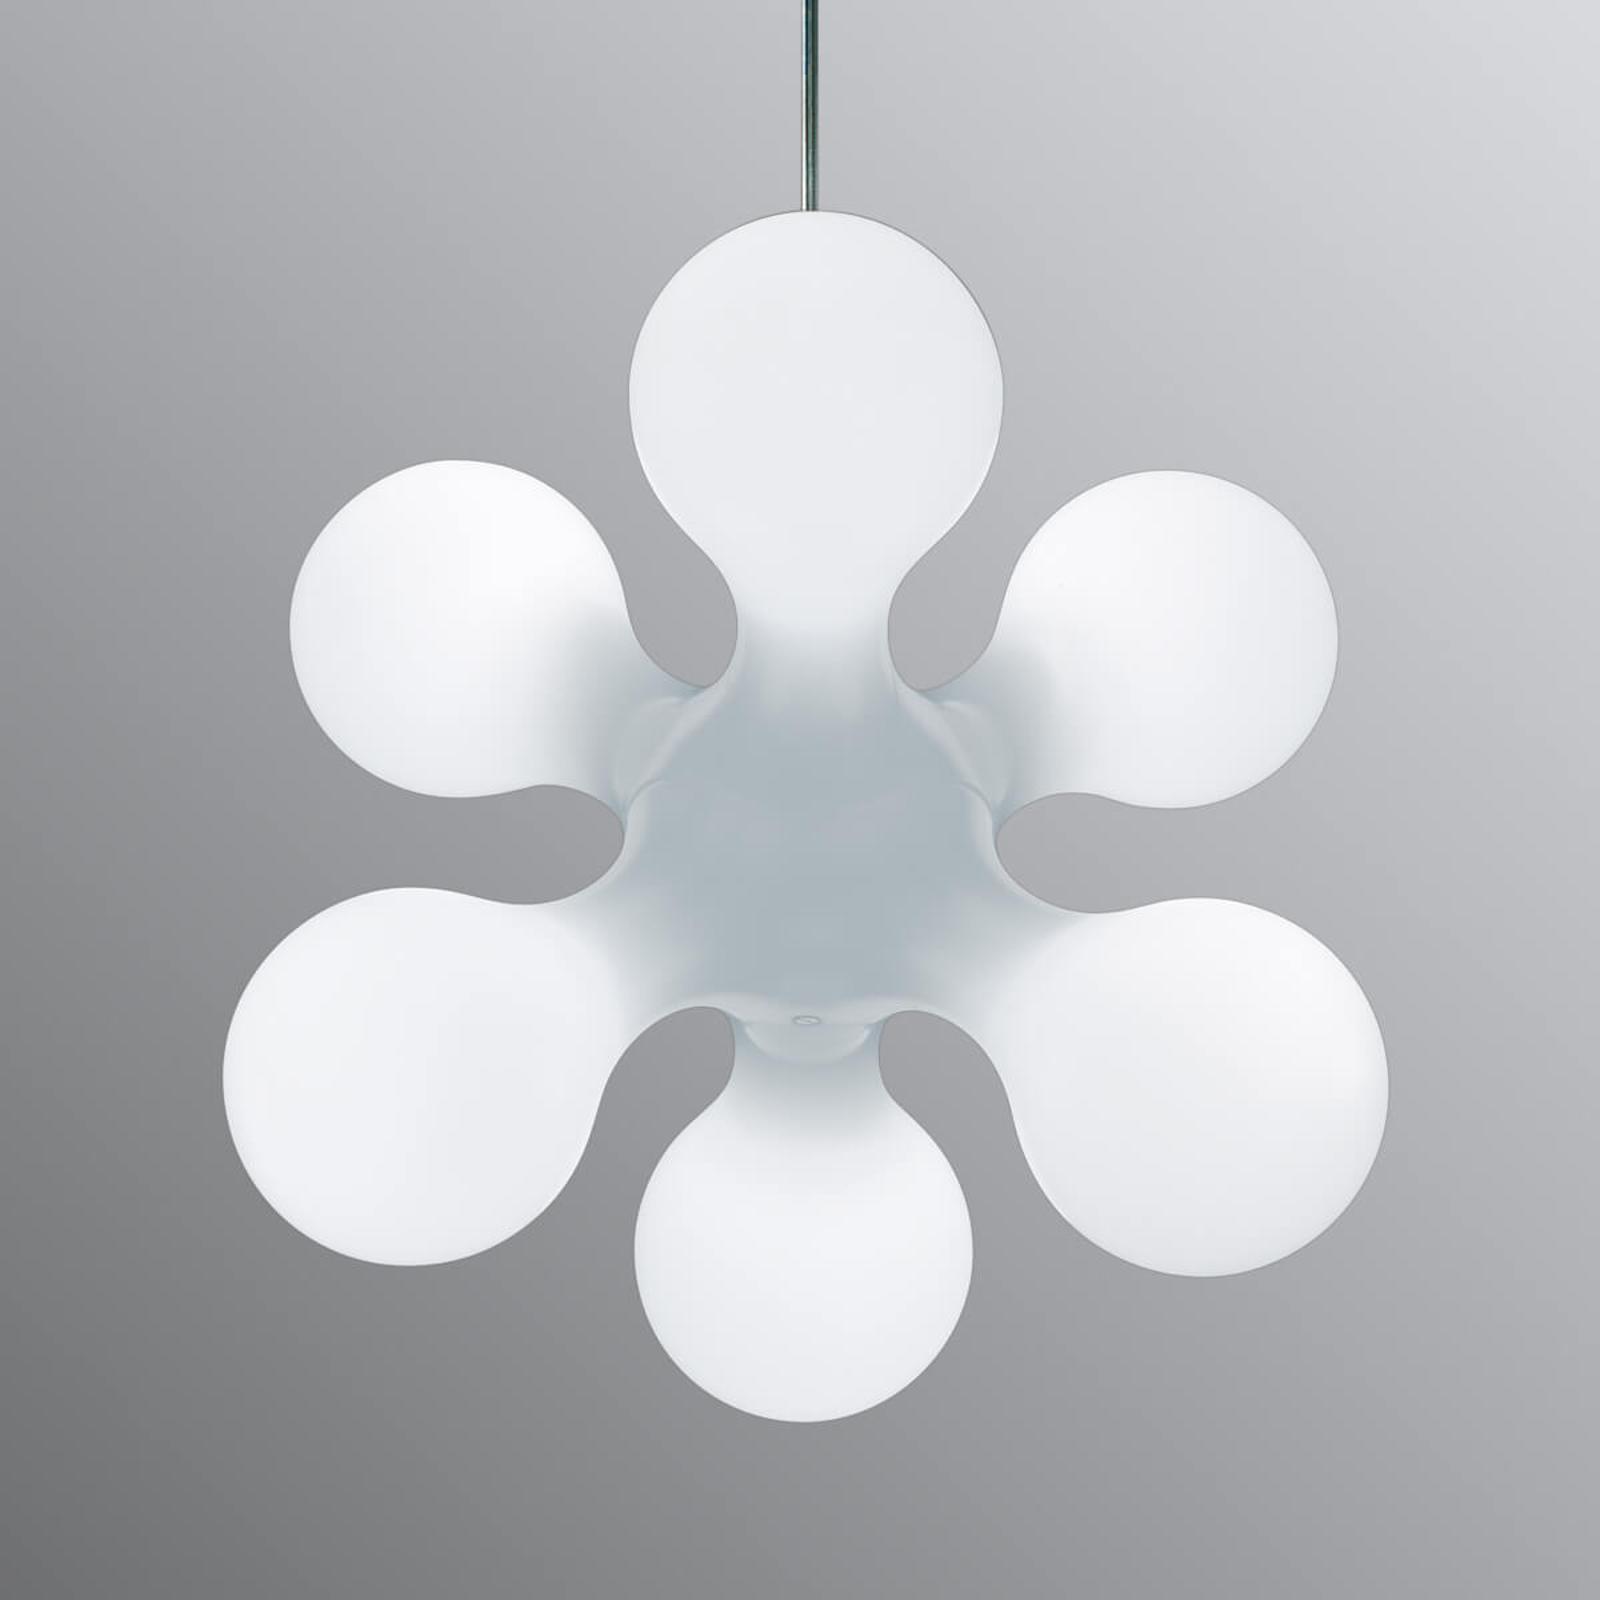 Stijlvolle design hanglamp Atomium